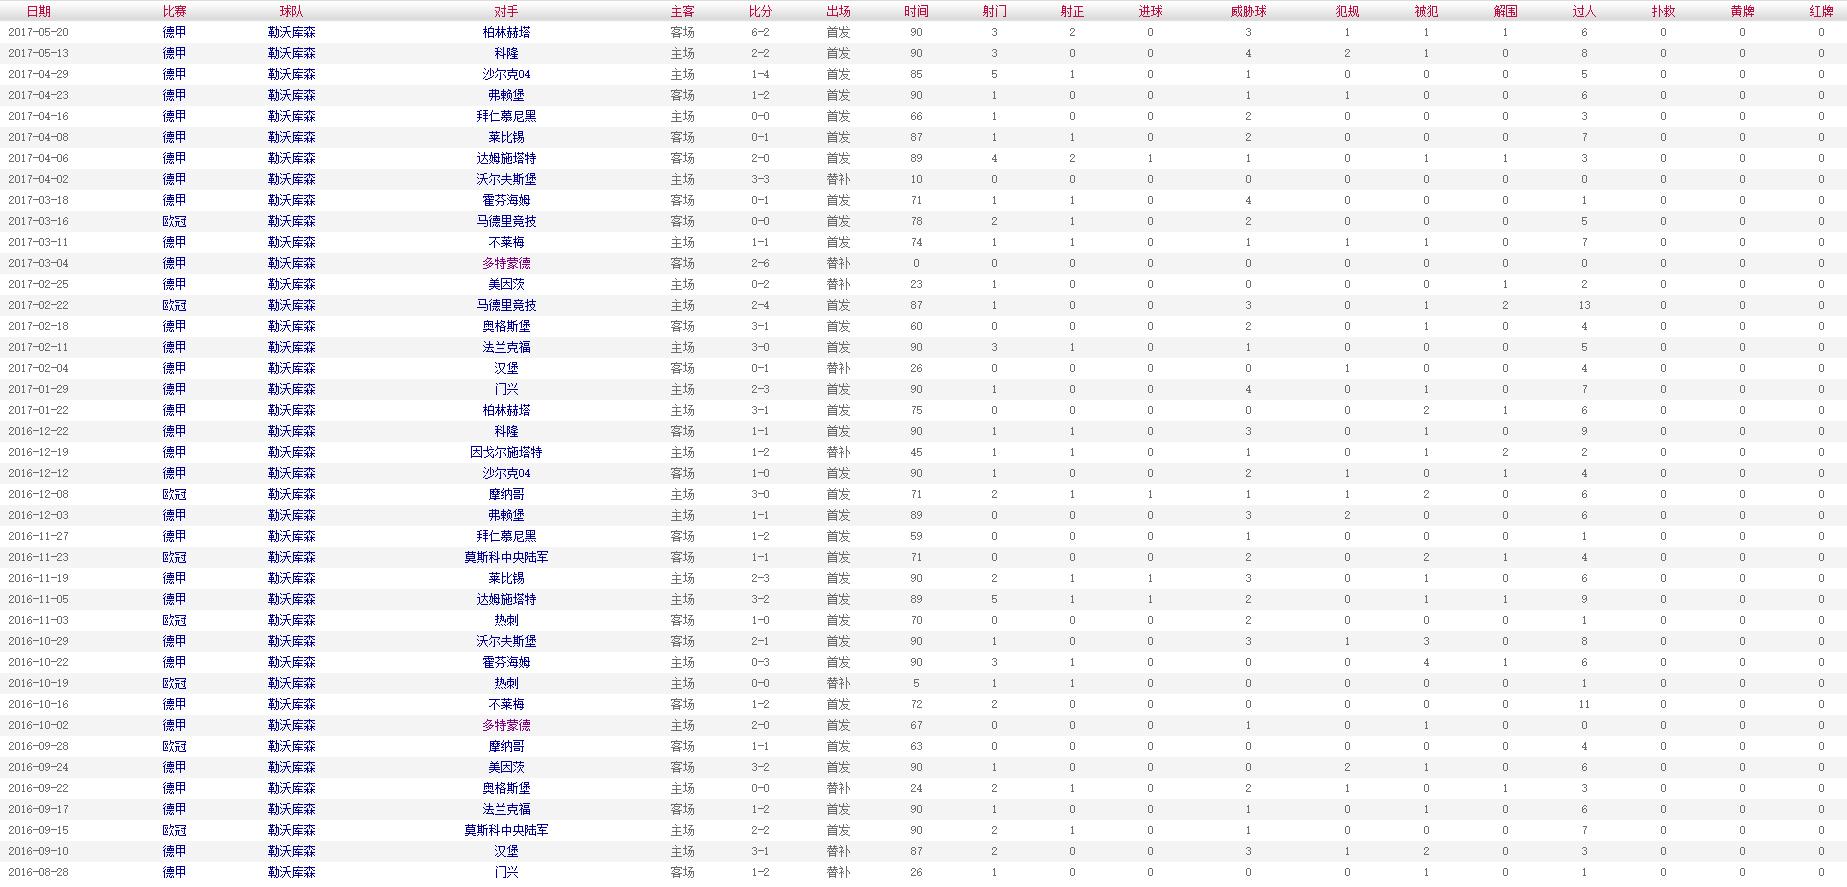 布兰特 2016-2017赛季比赛数据